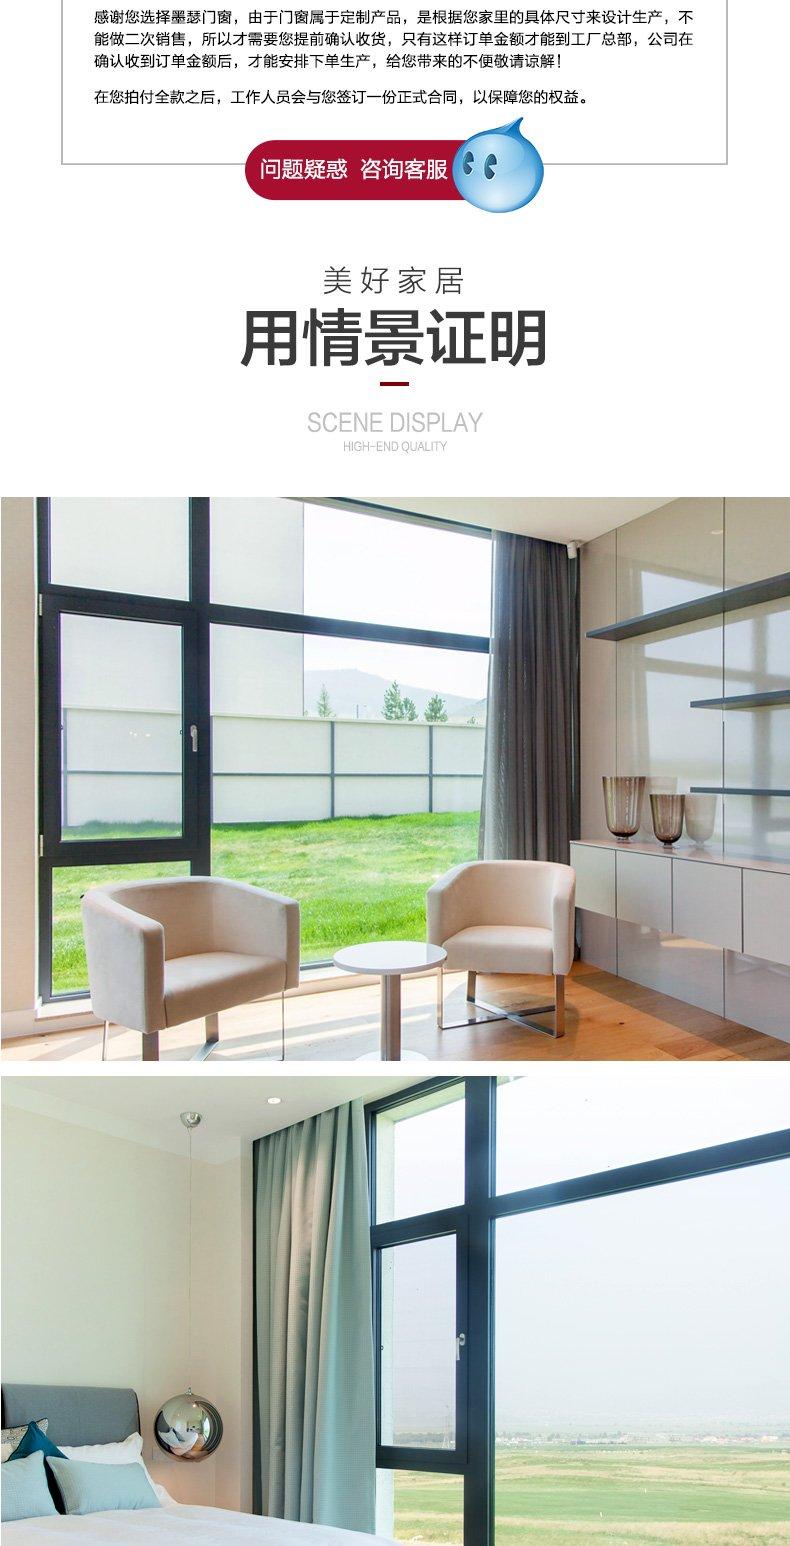 墨瑟高端断桥铝门窗加盟产品图片 隔音铝合金门窗装修效果图